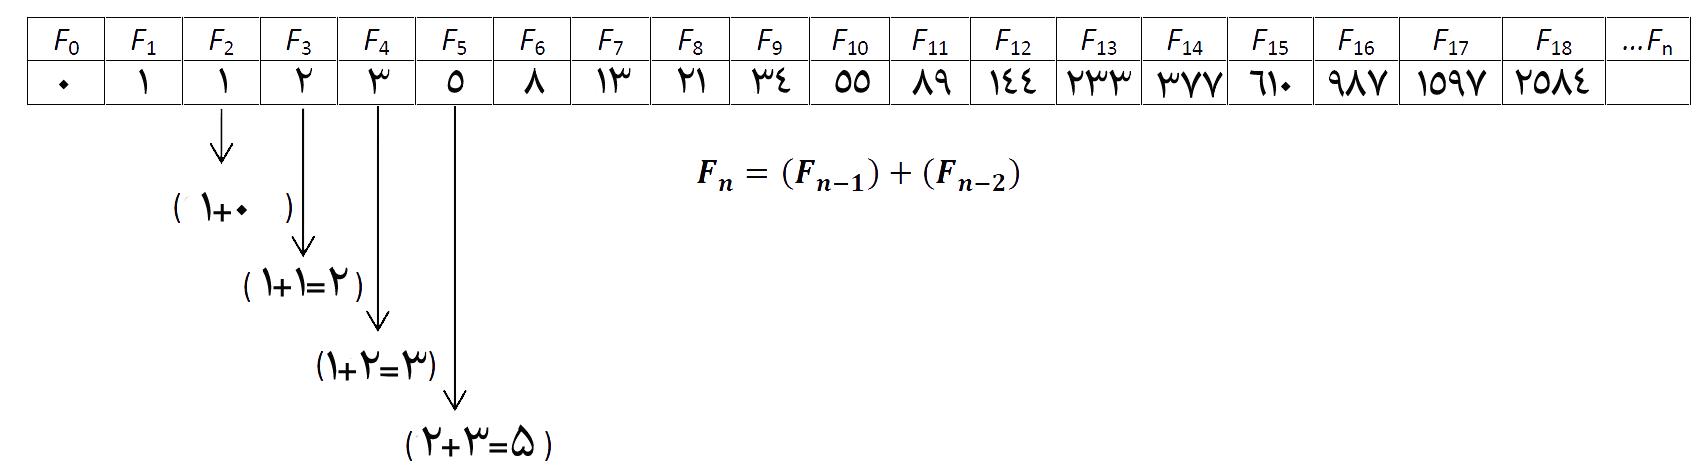 فیبوناچی در تحلیل تکنیکال چیست؟